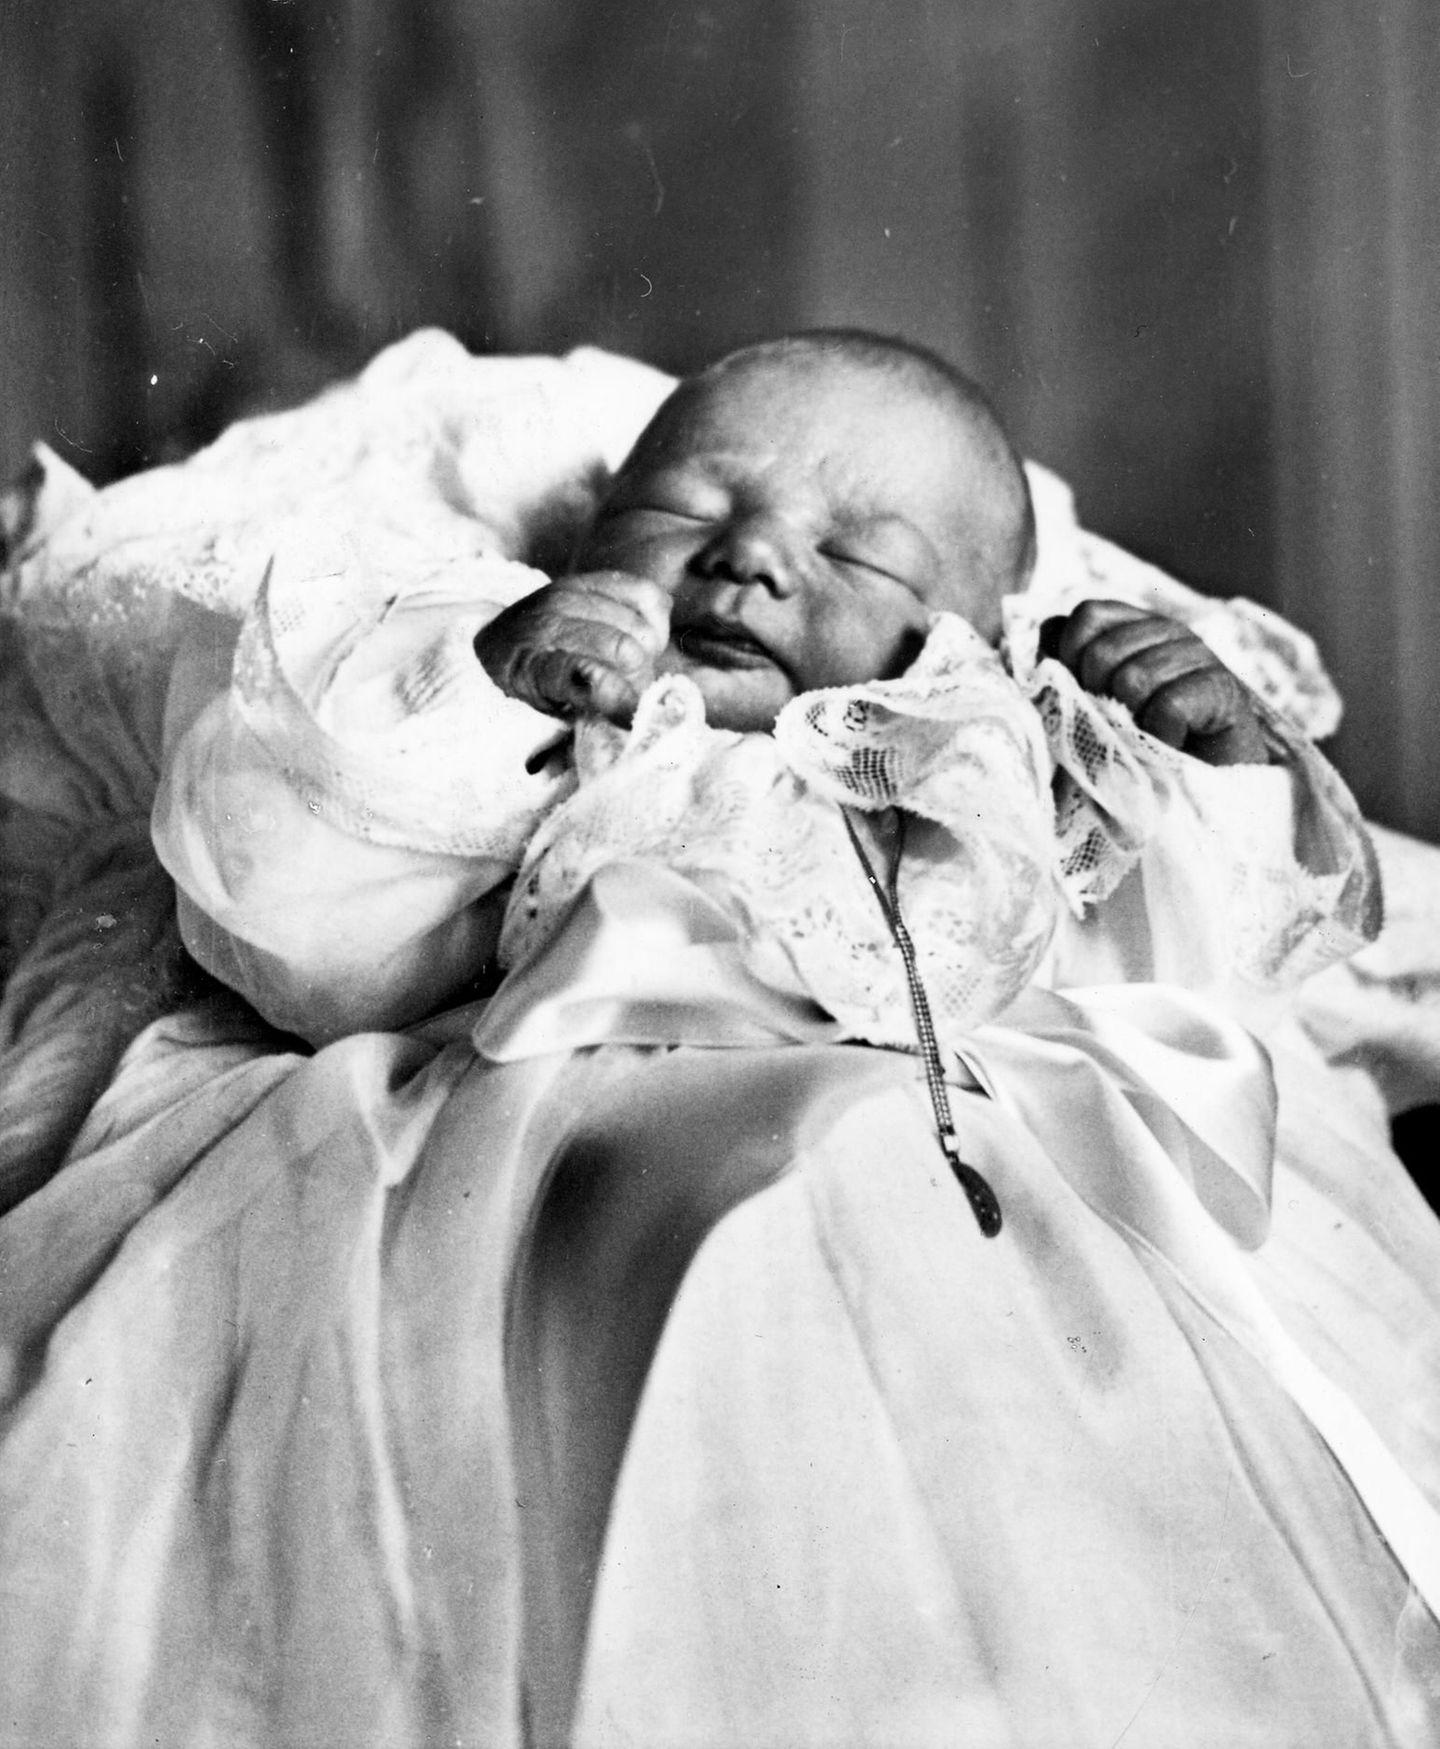 """1960   Die Geburt eines Prinzen: Philippe Léopold Louis Marie wird am 15. April 1960 in Brüssel geboren. Von seinen Untertanen wird er liebevoll """"Filip"""" genannt."""